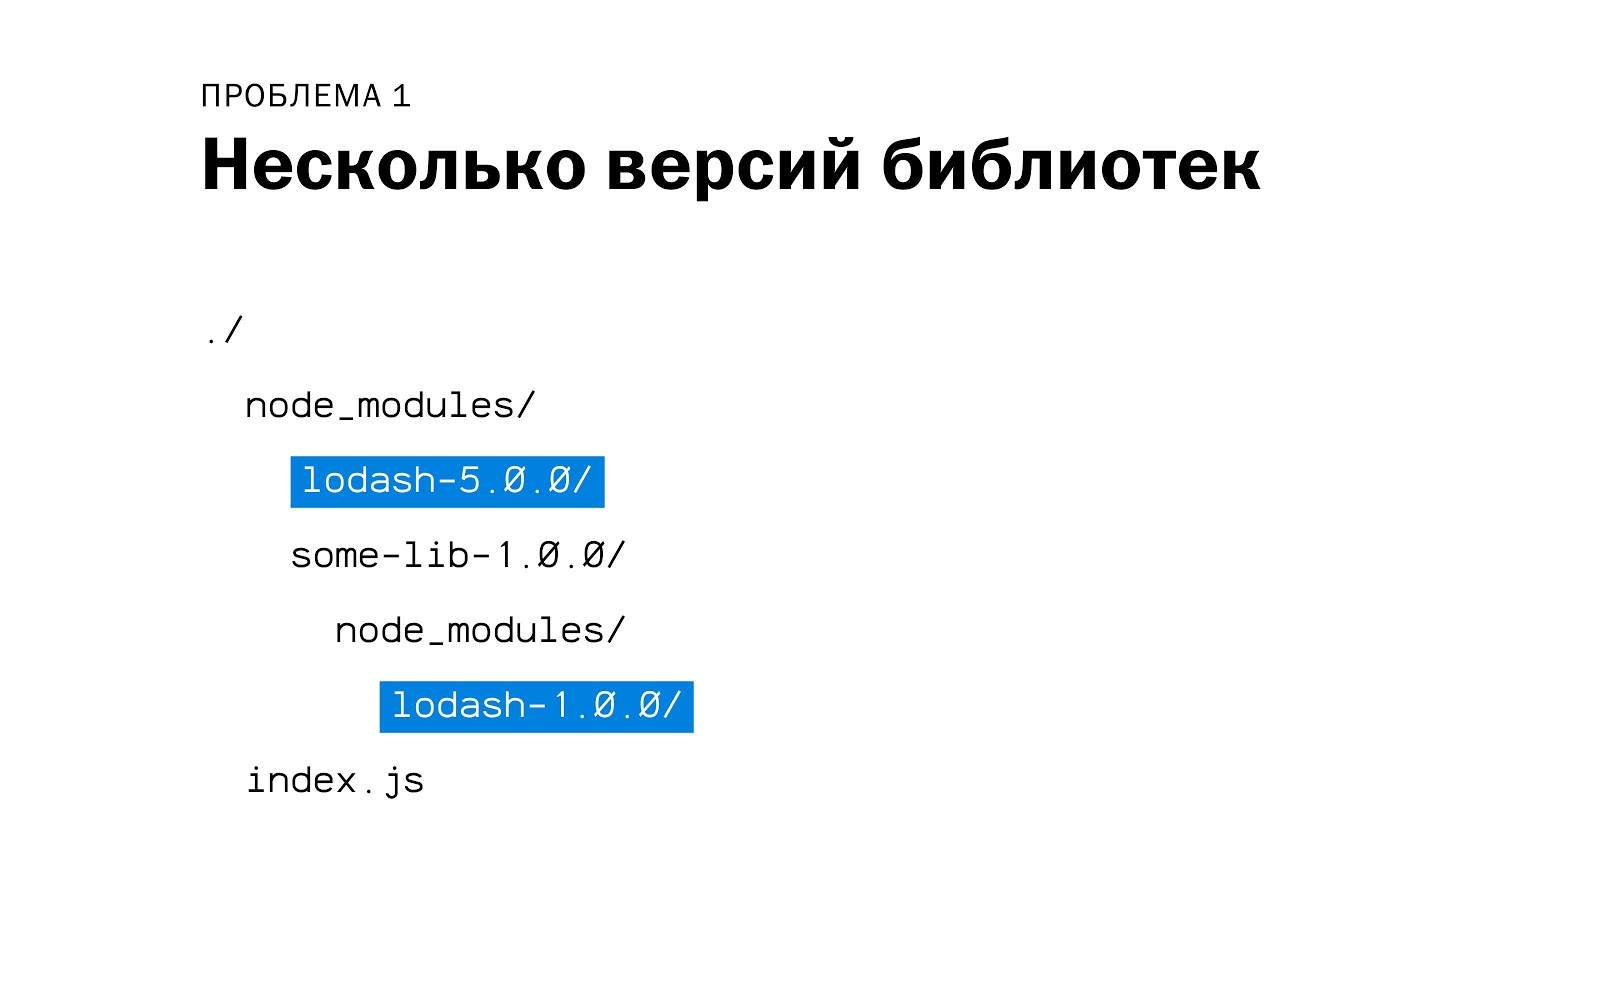 Внутреннее устройство и оптимизация бандла webpack - 3